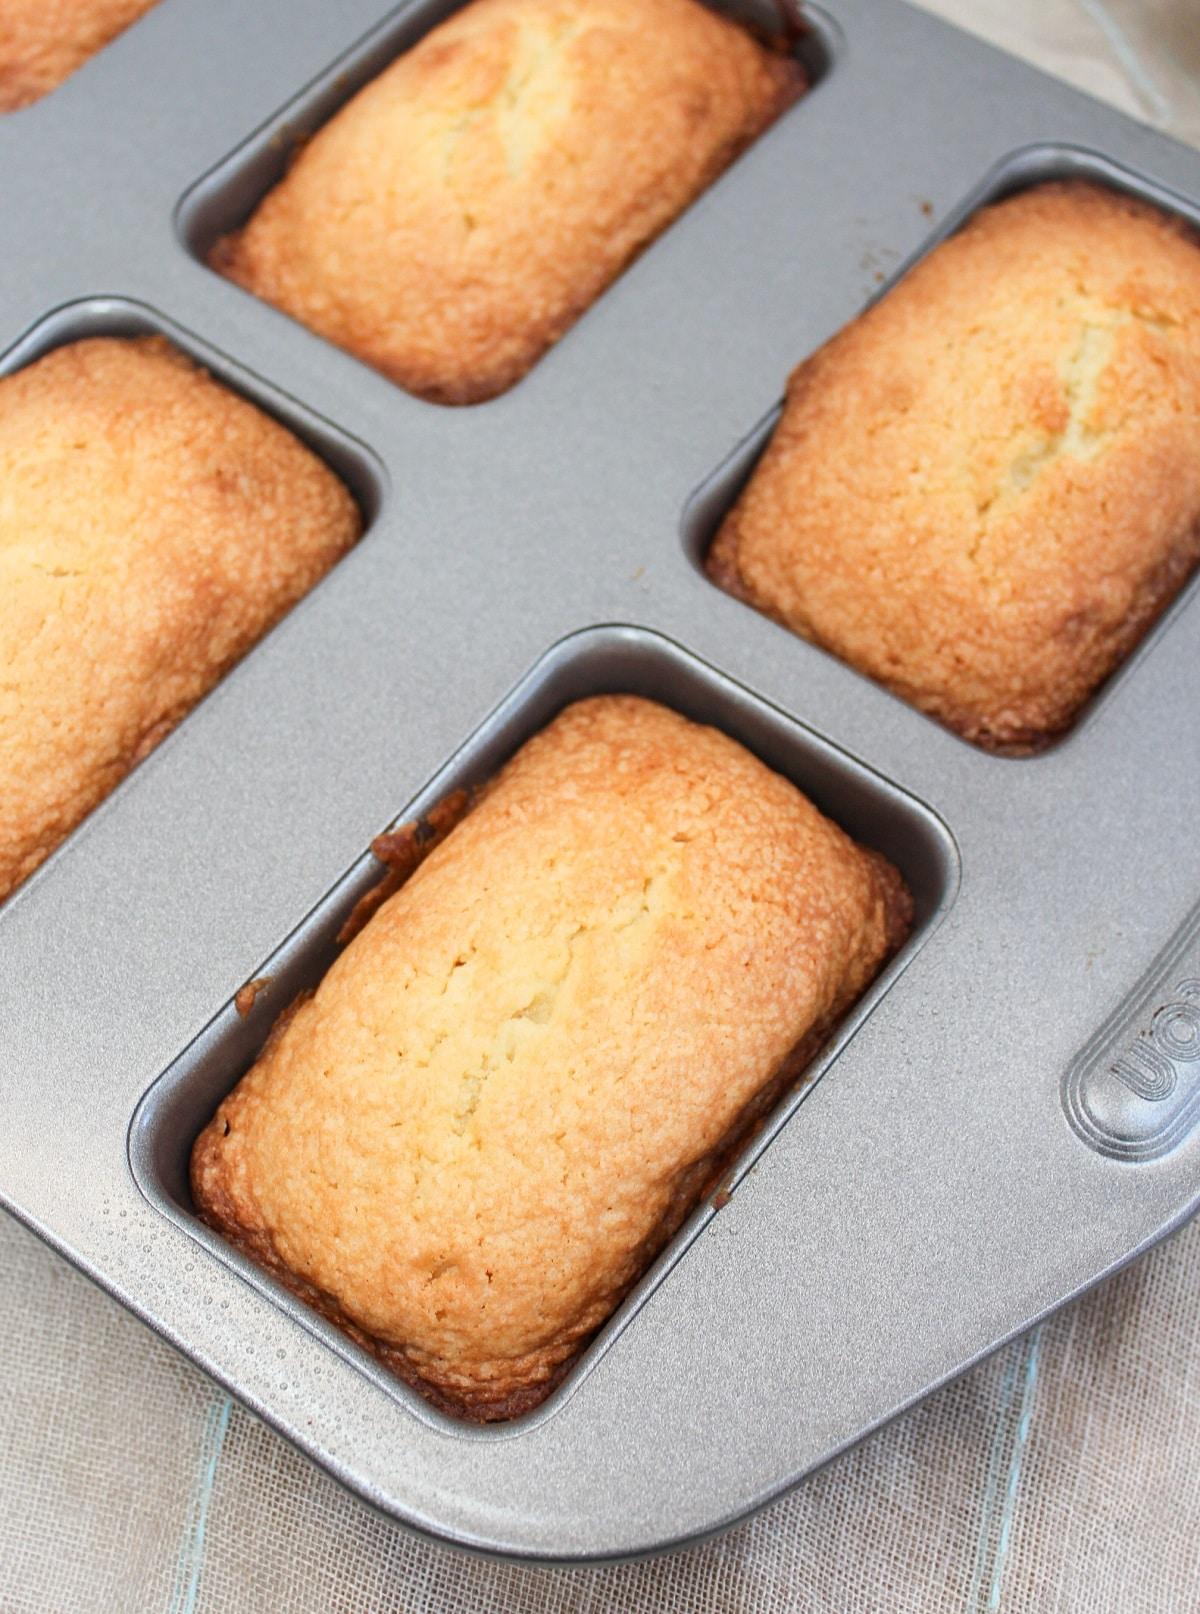 cake in a baking pan